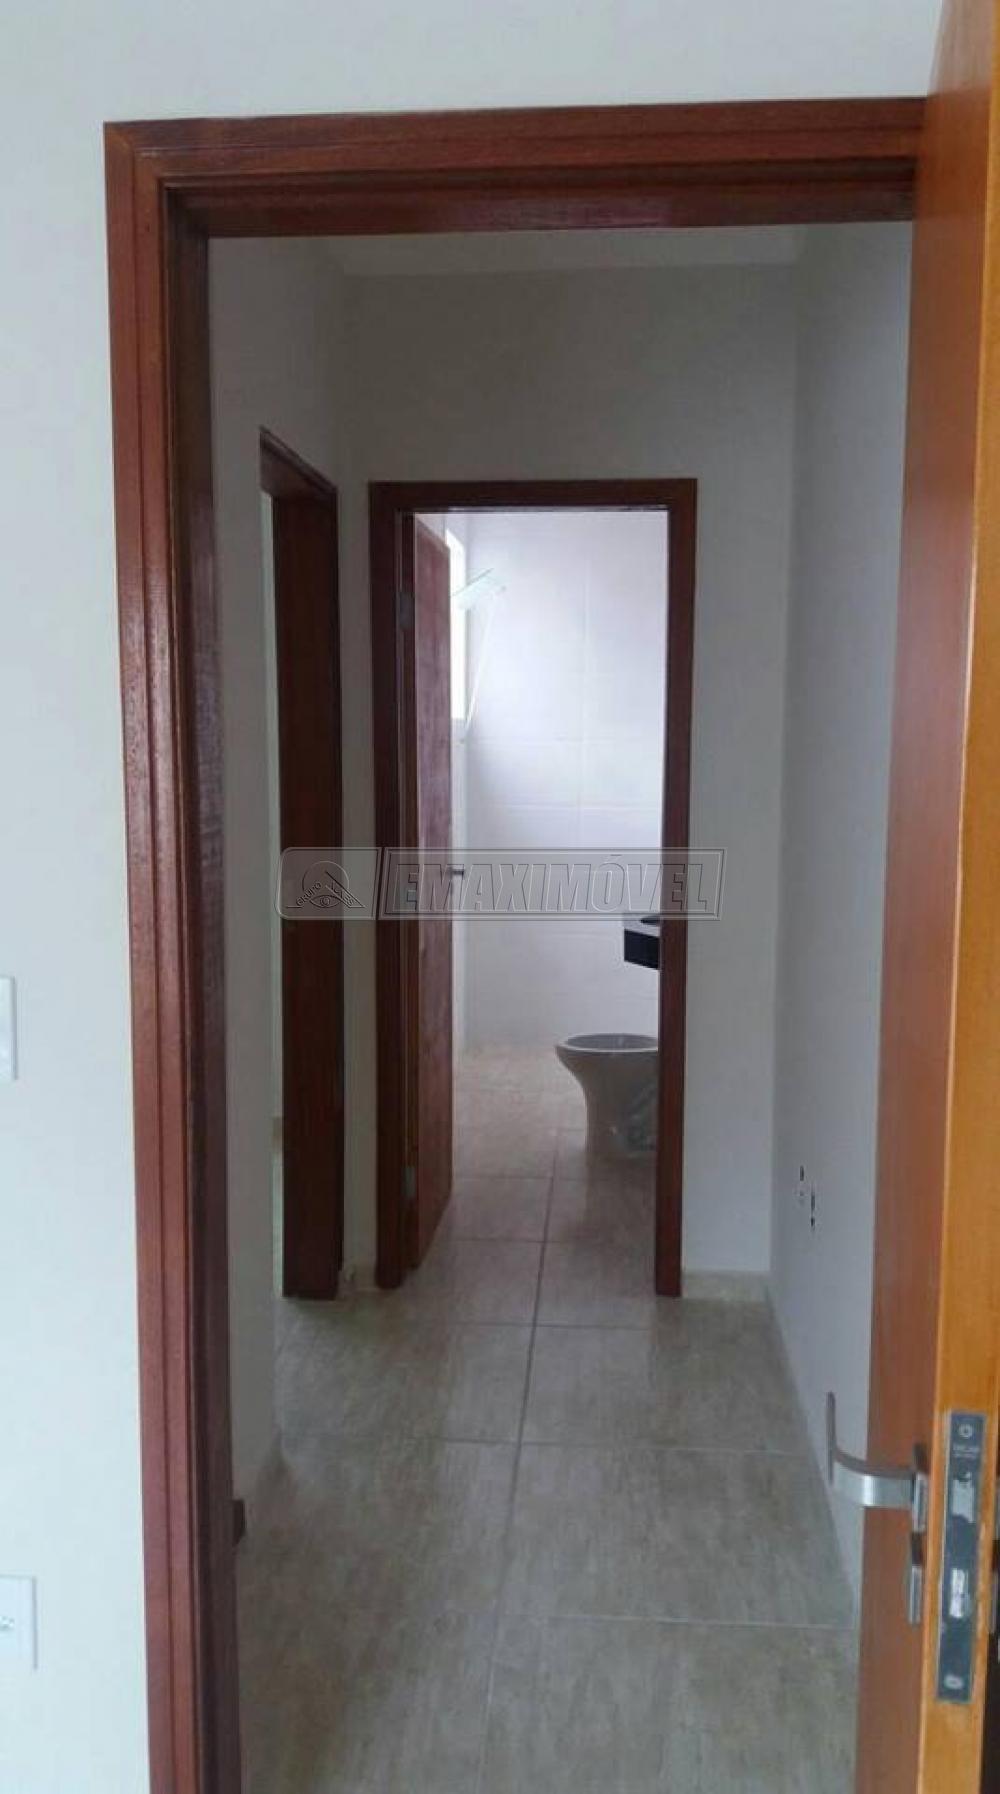 Comprar Casas / em Bairros em Sorocaba apenas R$ 240.000,00 - Foto 14